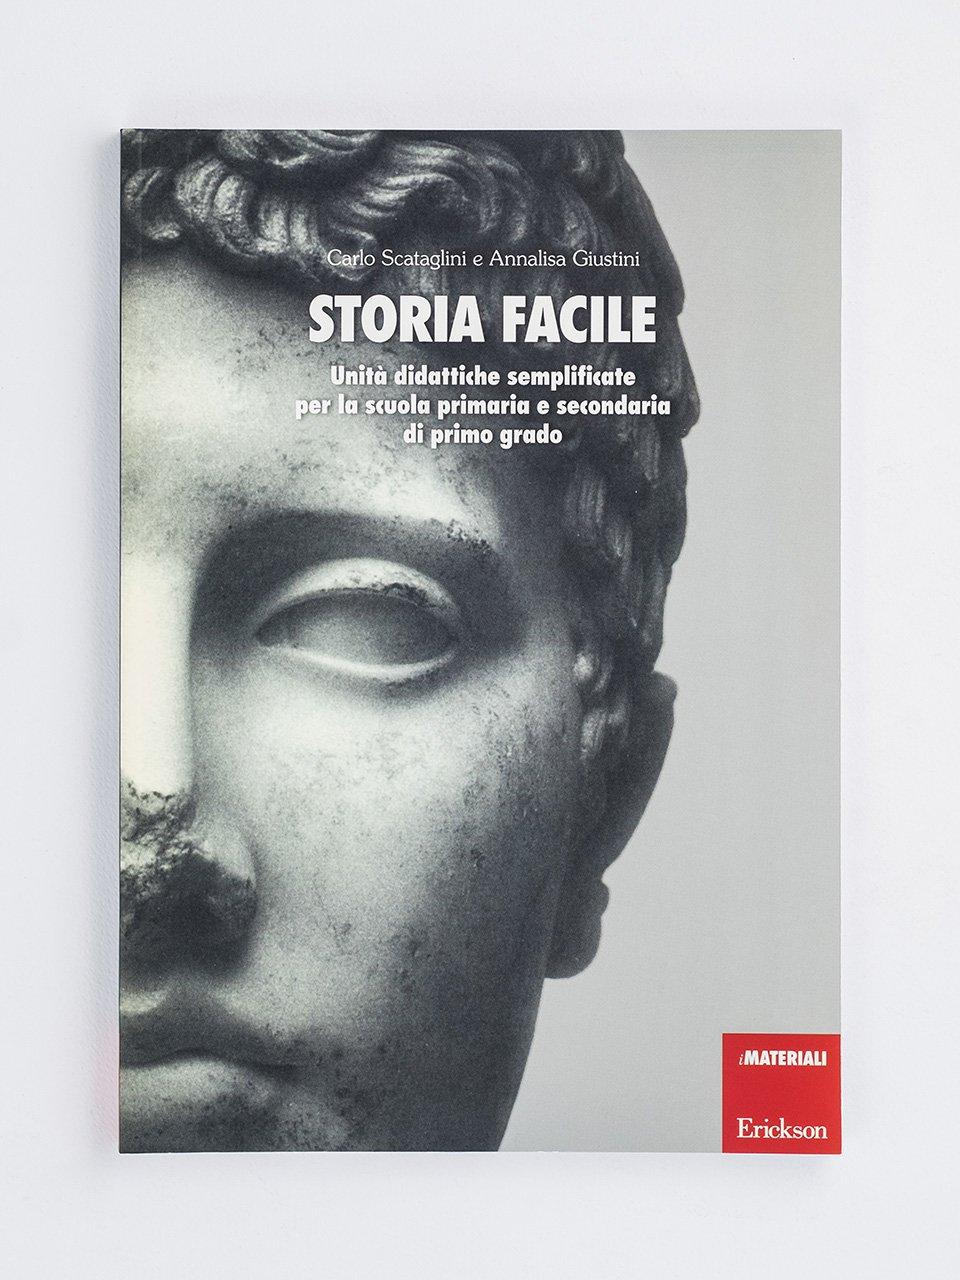 Storia facile - Geografia facile per la classe quinta - Libri - Erickson